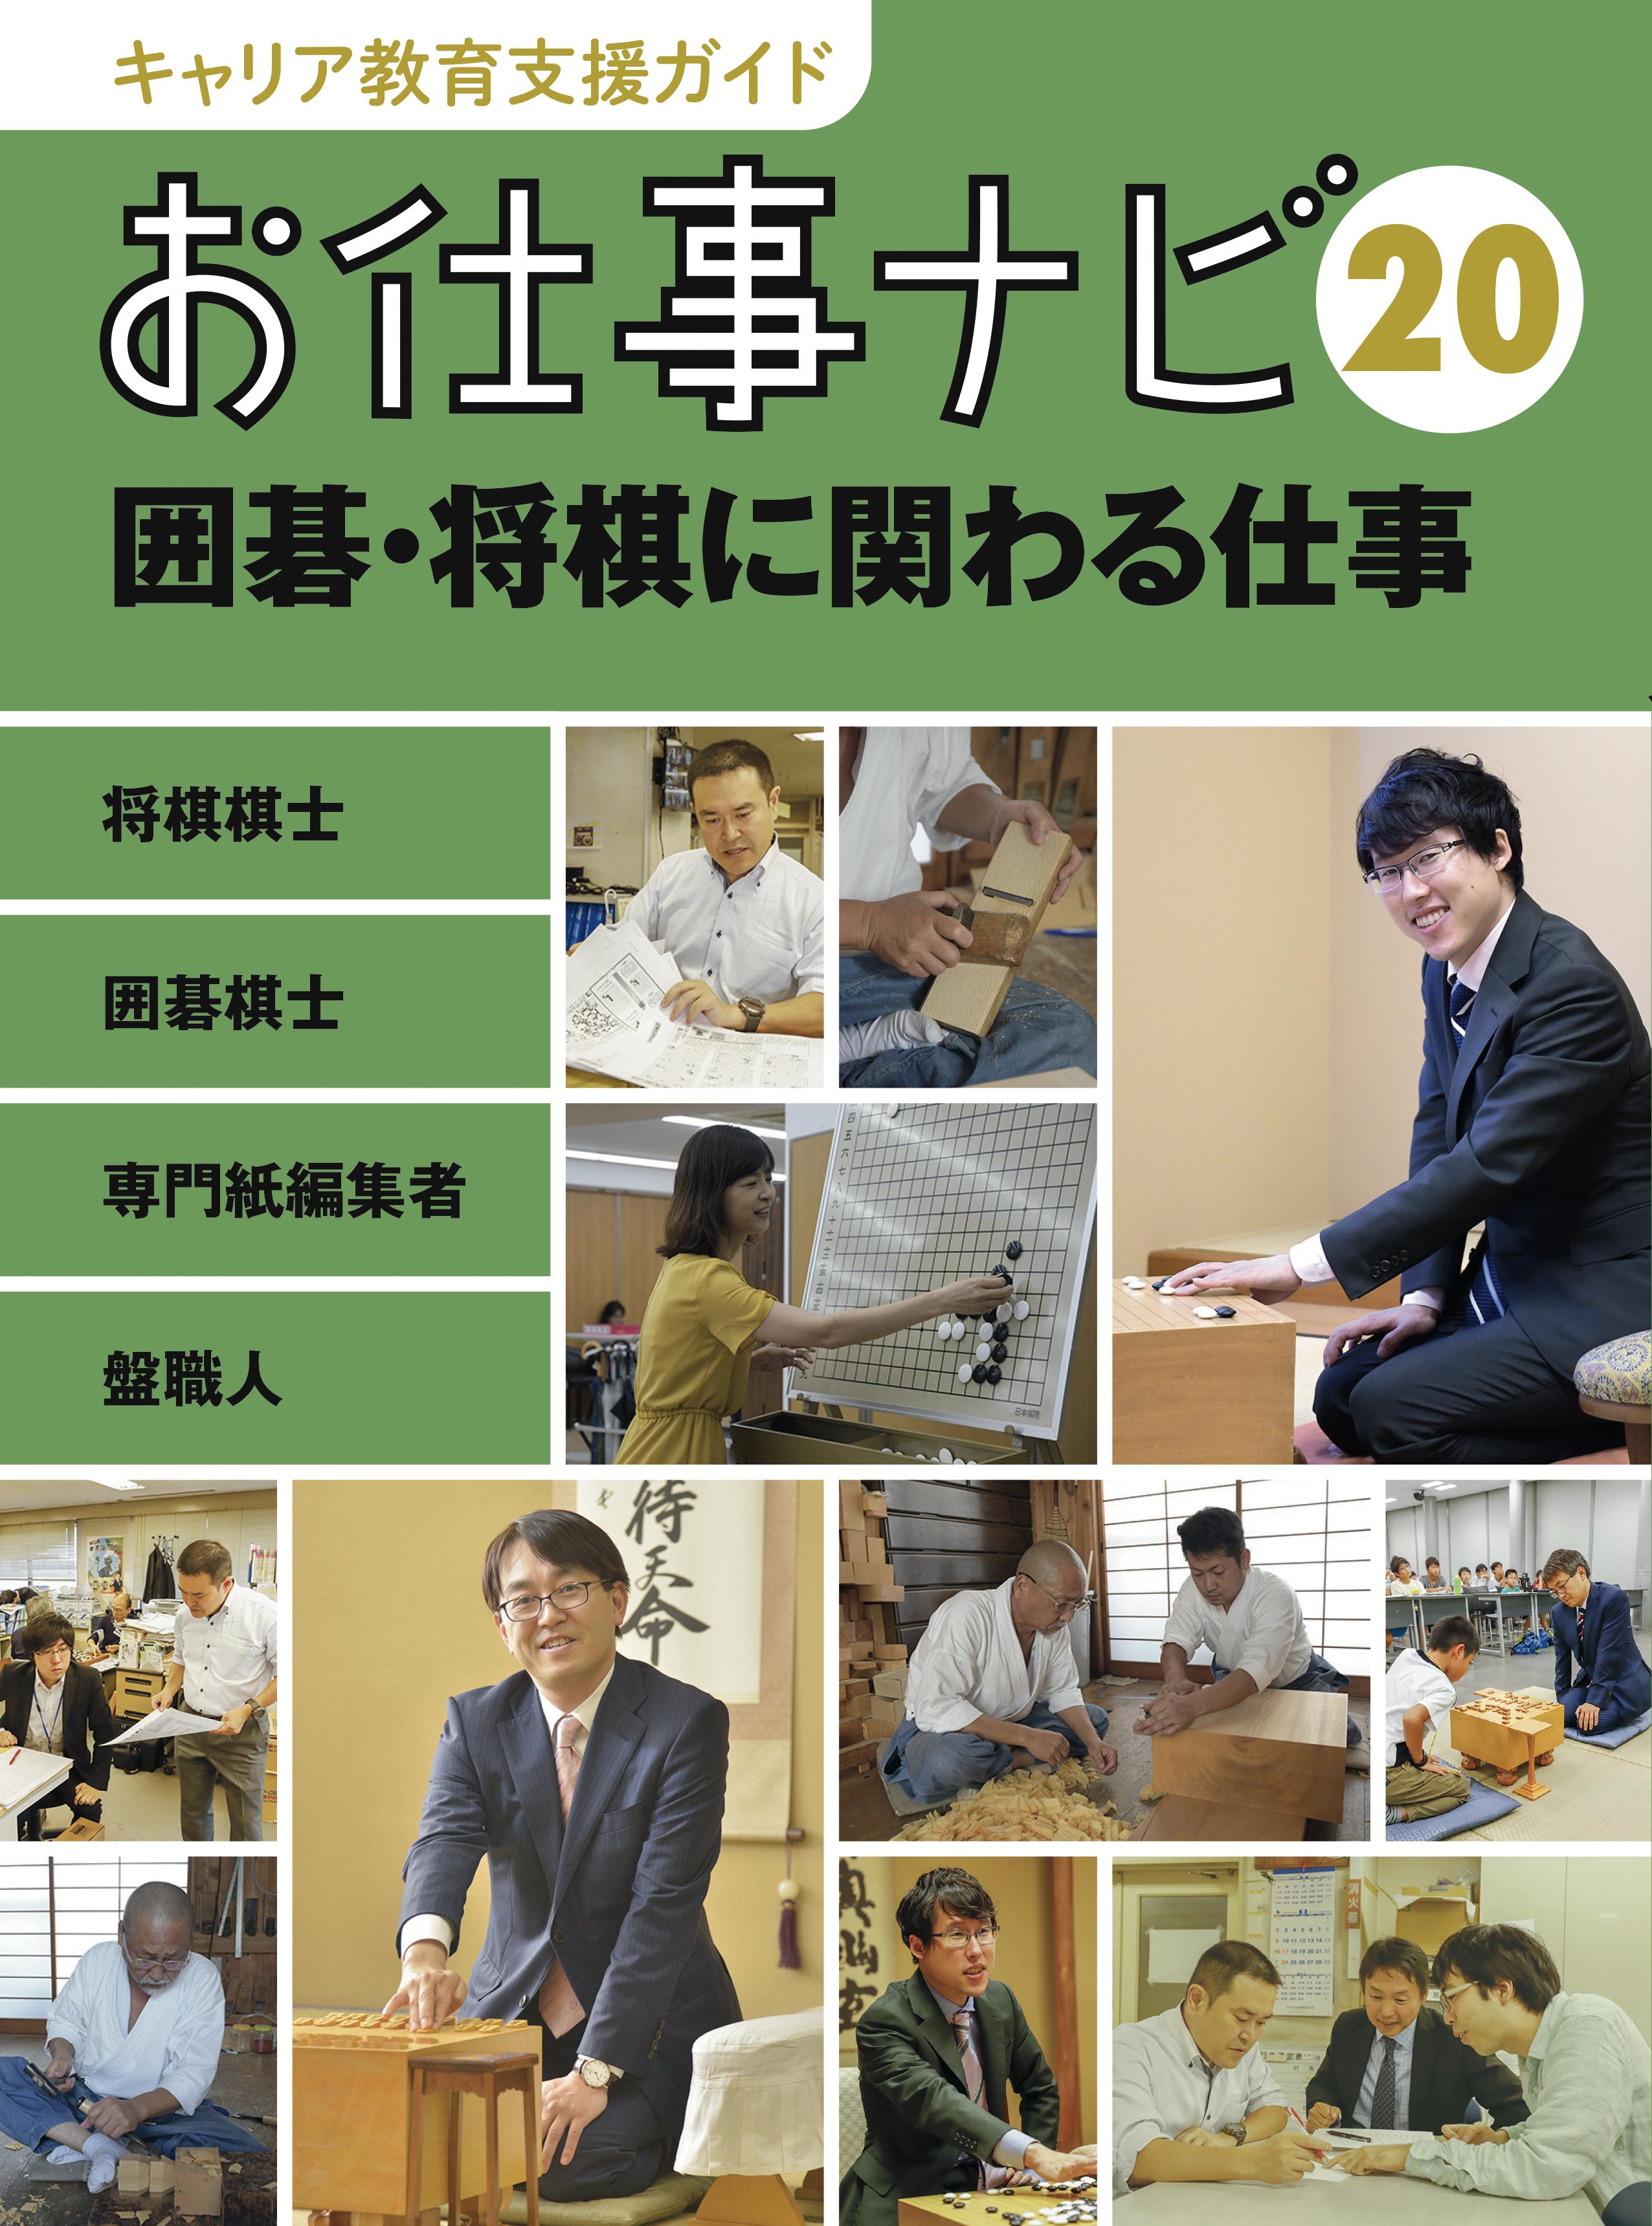 お仕事ナビ 20 囲碁・将棋に関わる仕事